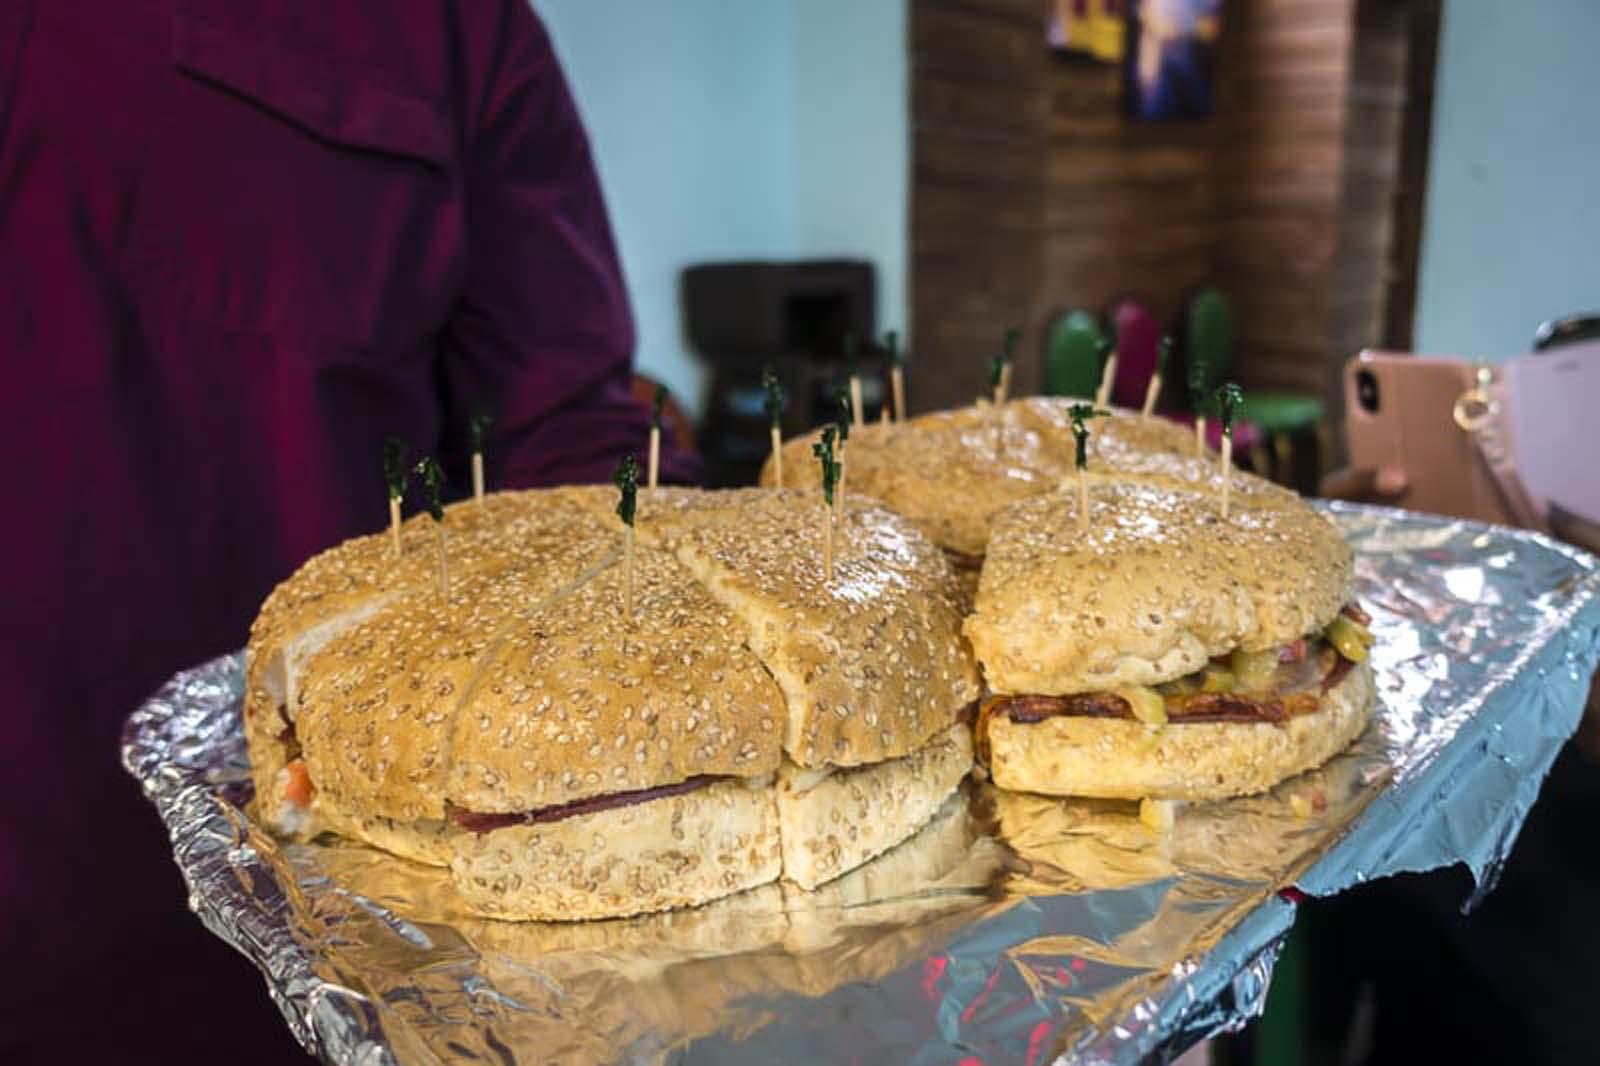 muffaletta sandwiches in new orleans